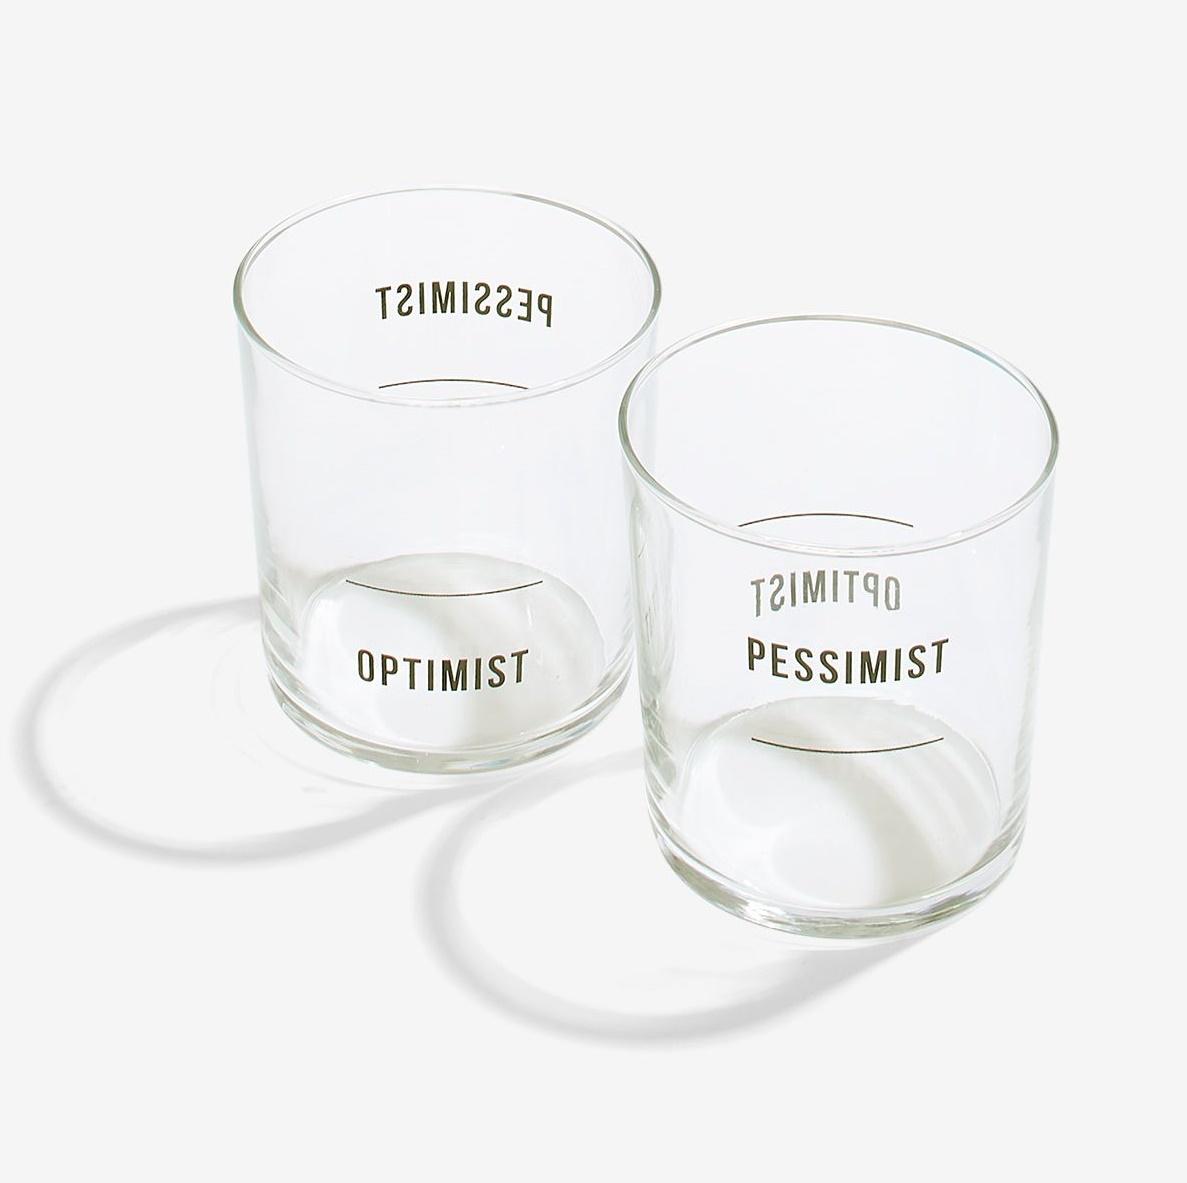 Optimist / pessimist glasses set of 2